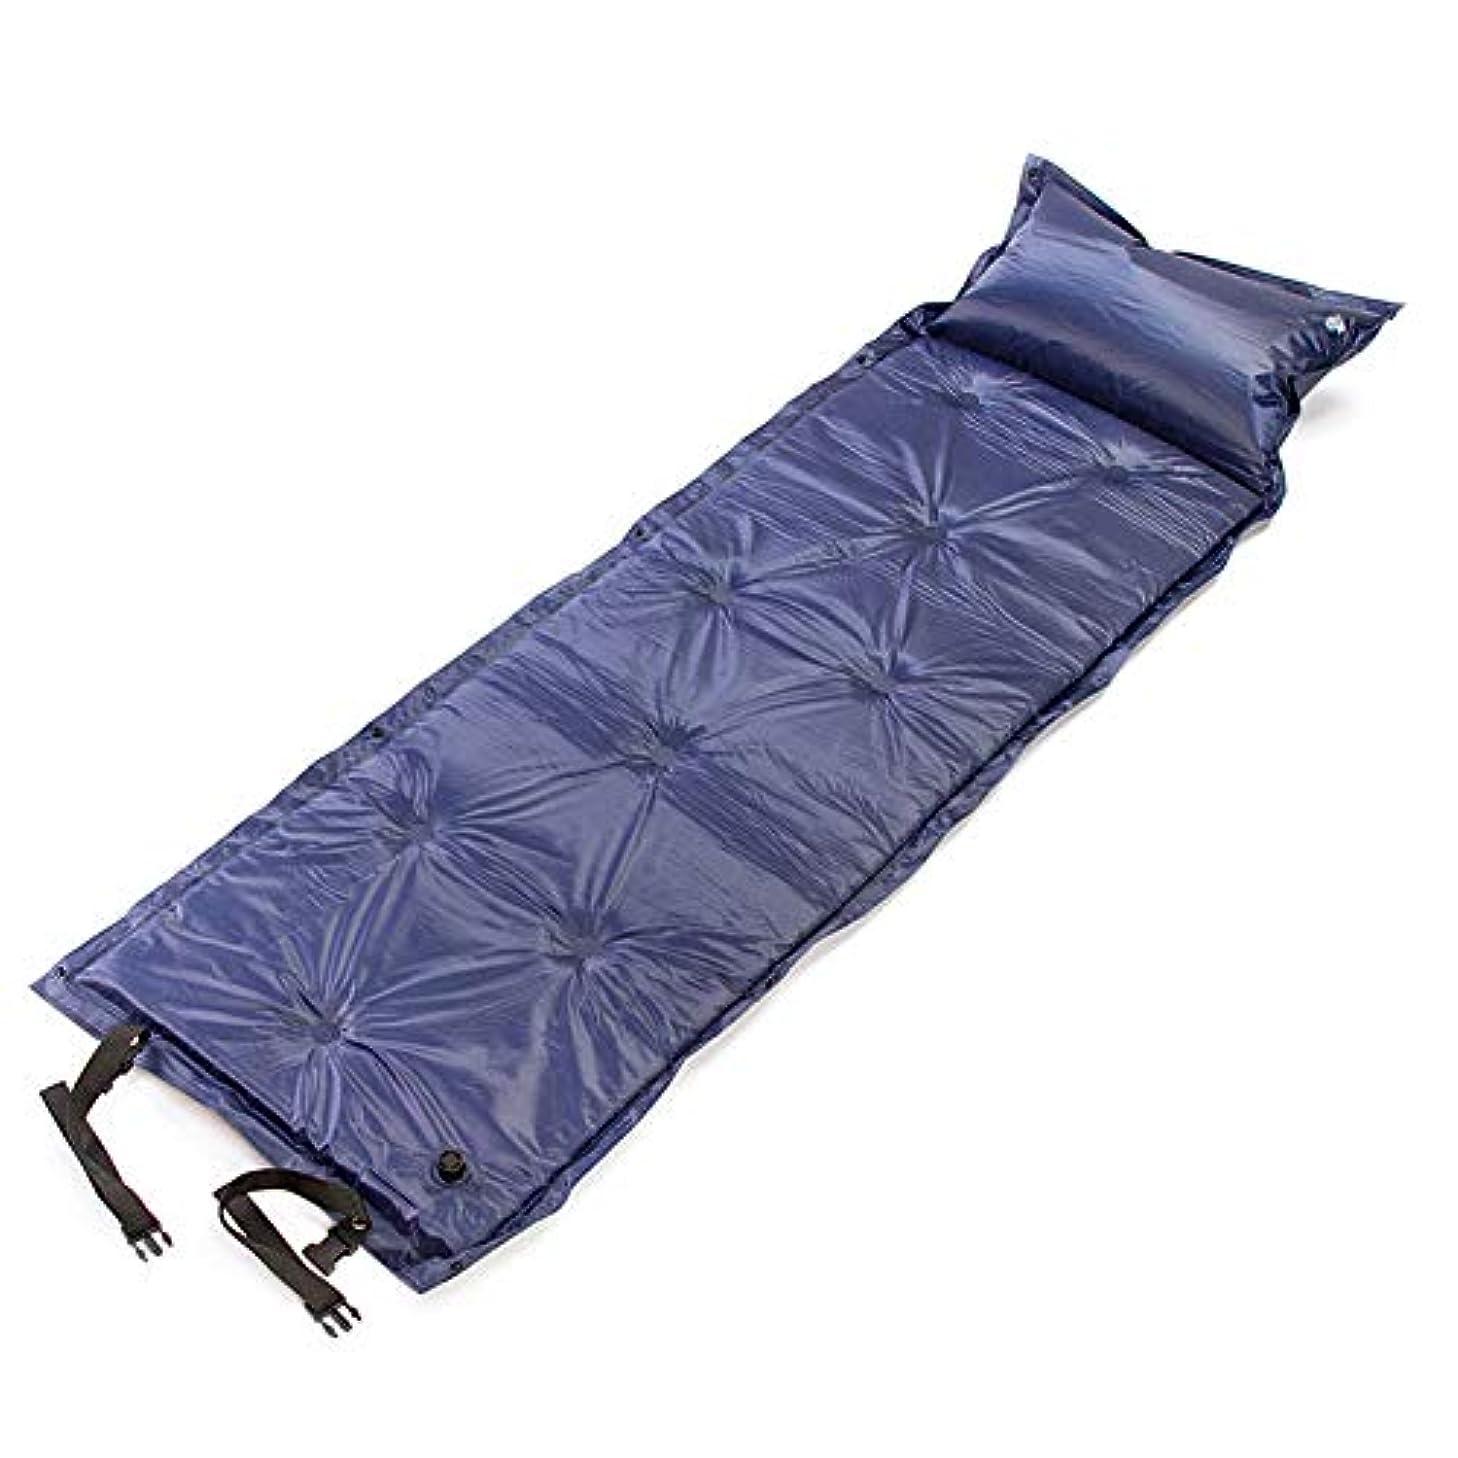 ひばり温かいスポーツをするキャンプマット、キャンプインフレータブルマットレス超軽量コンパクトキャンプスリーピングマットバックパックハイキングテント寝袋